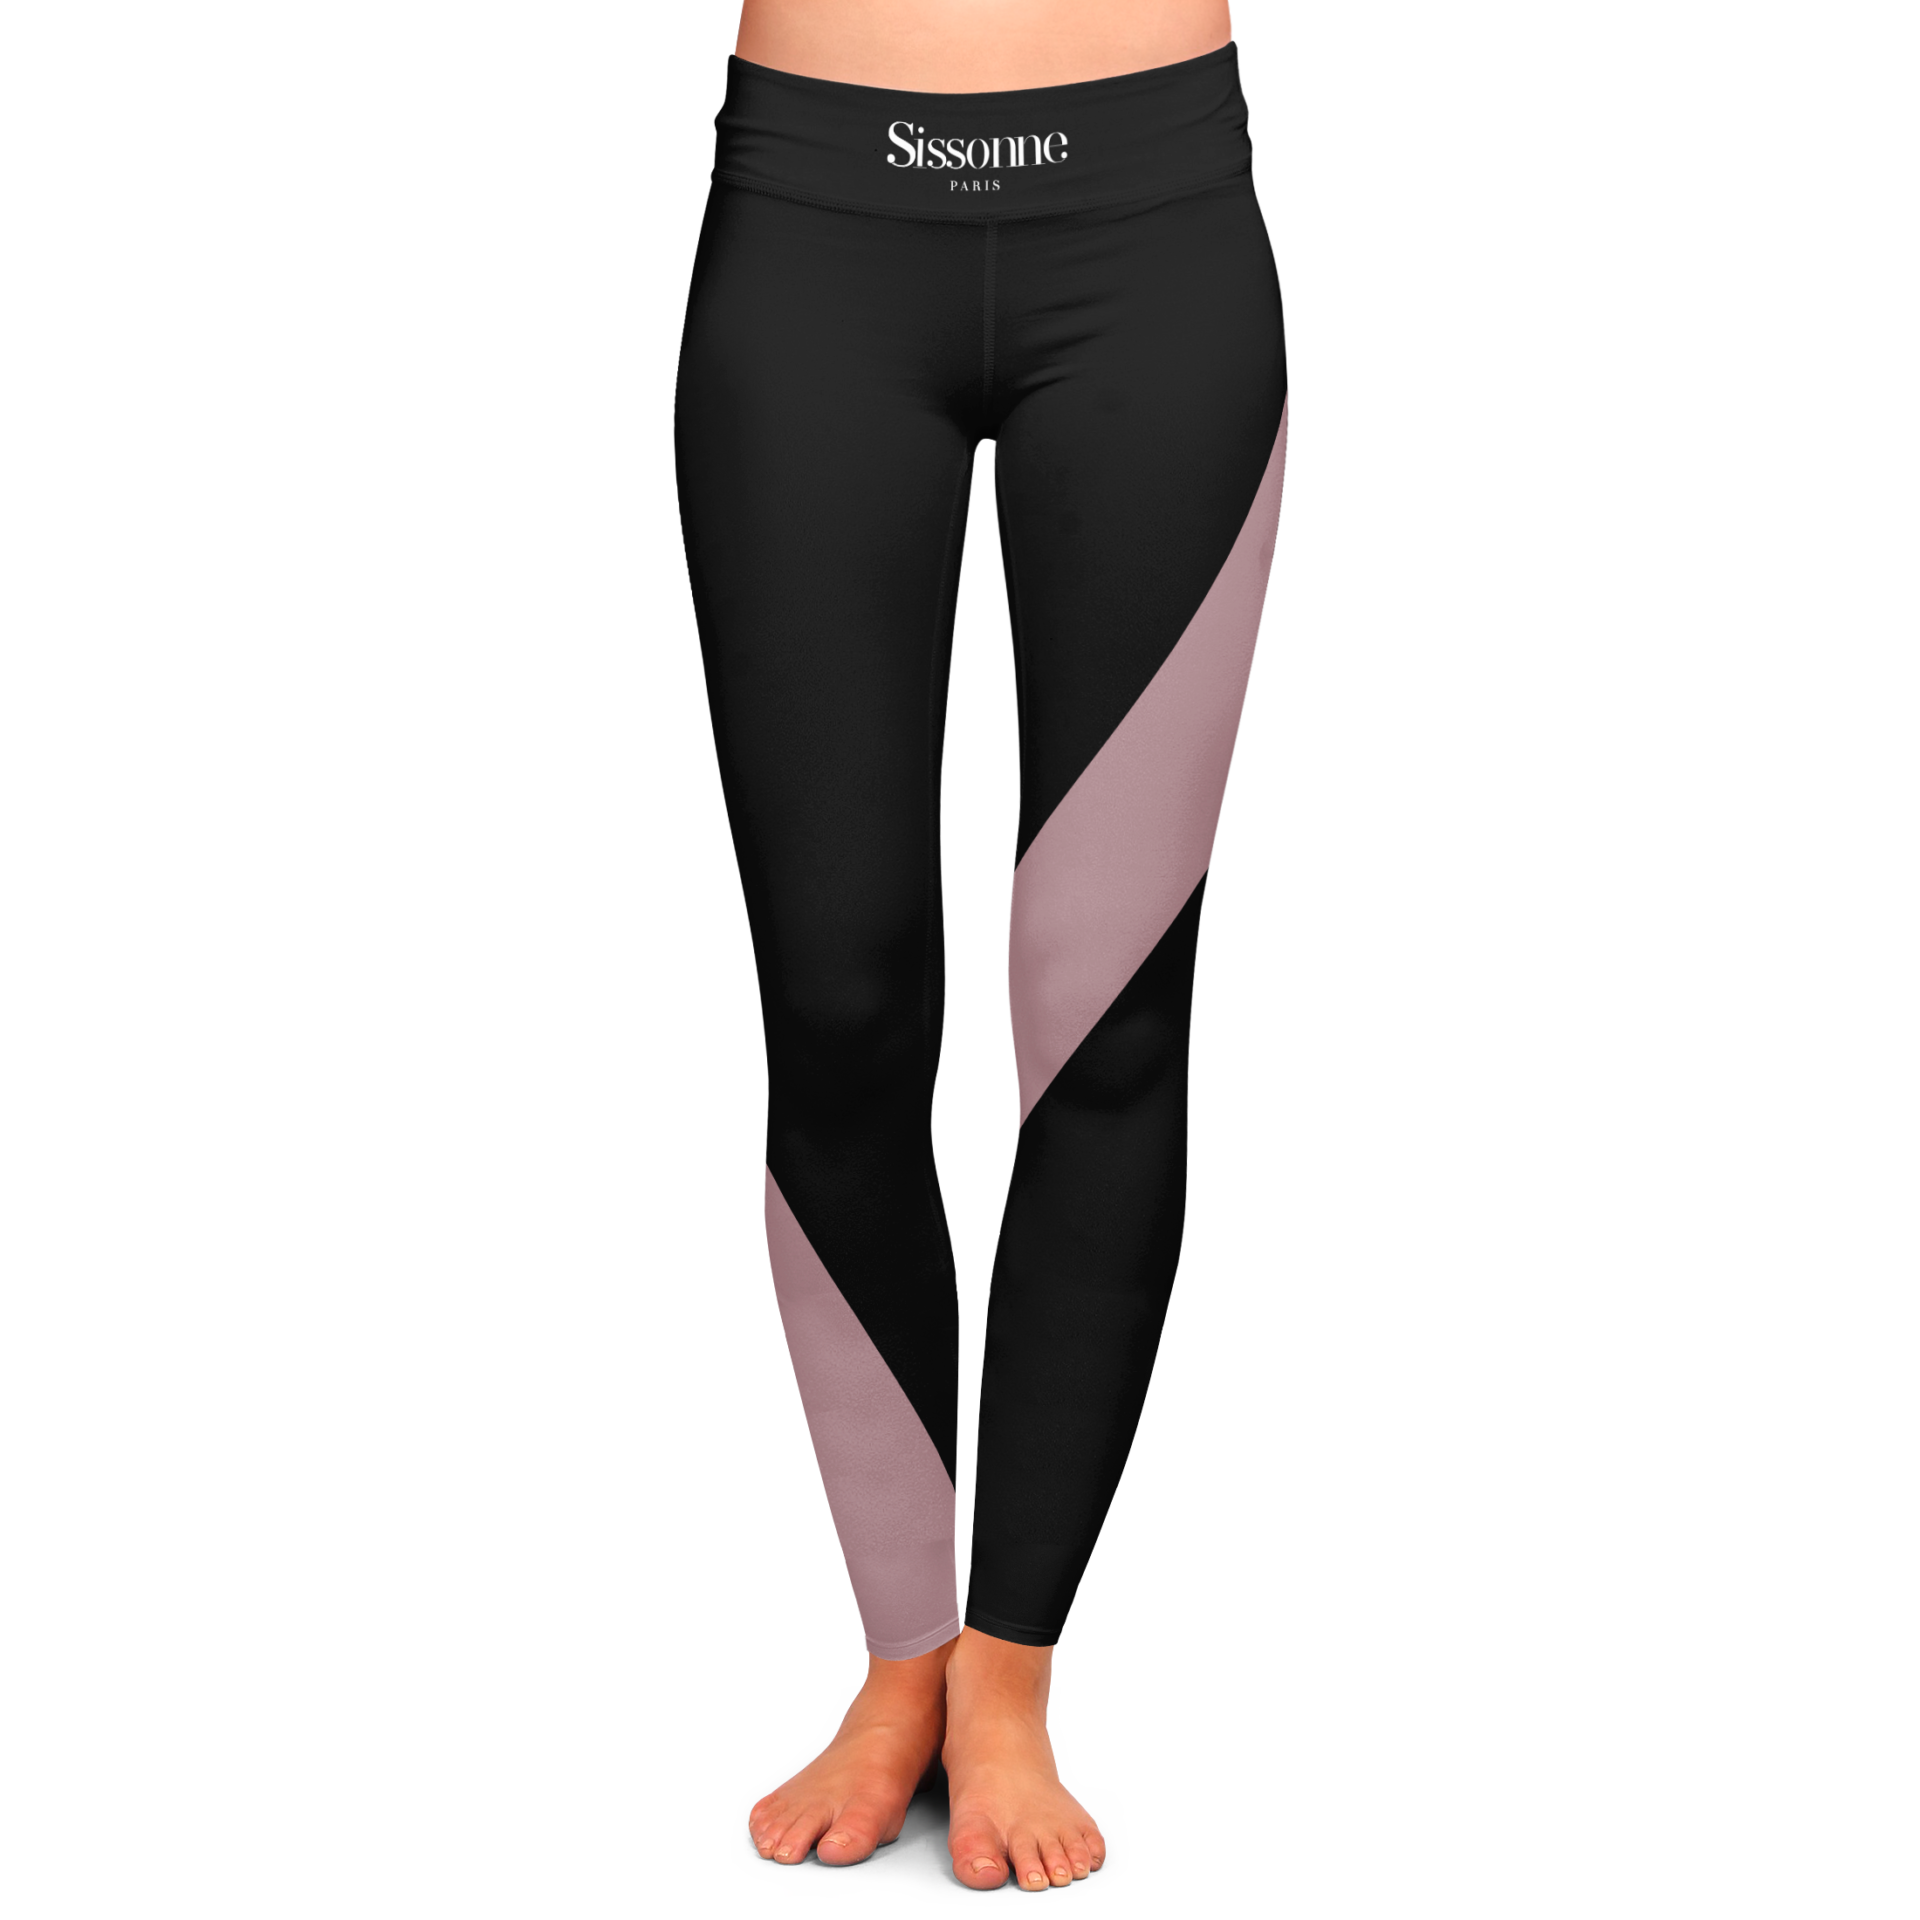 sissonneparis_legging